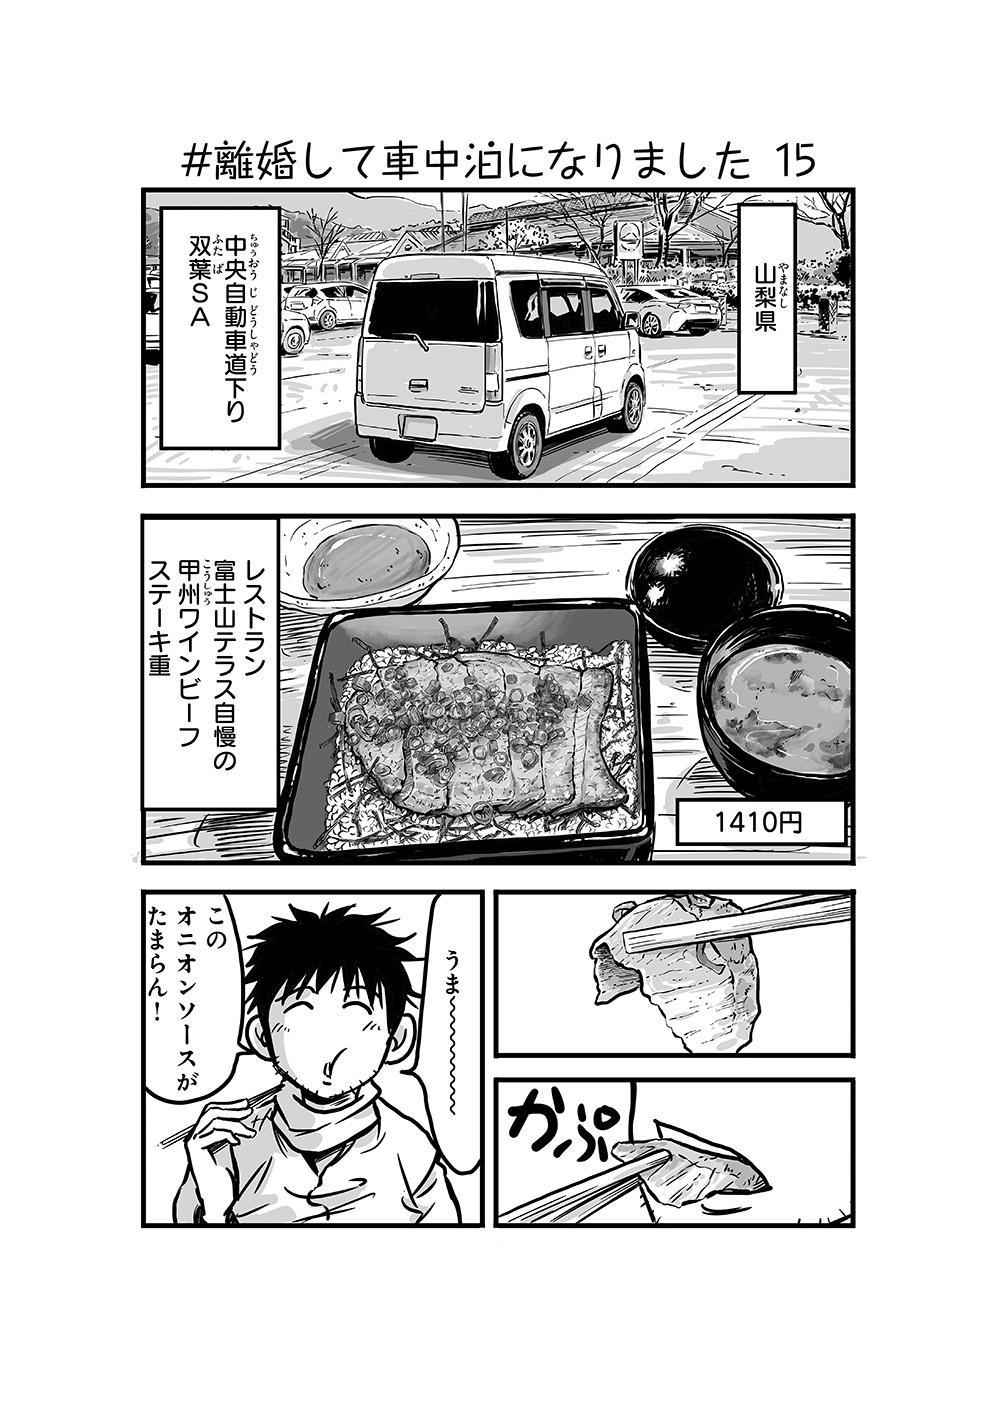 車中泊_15話 1.JPG